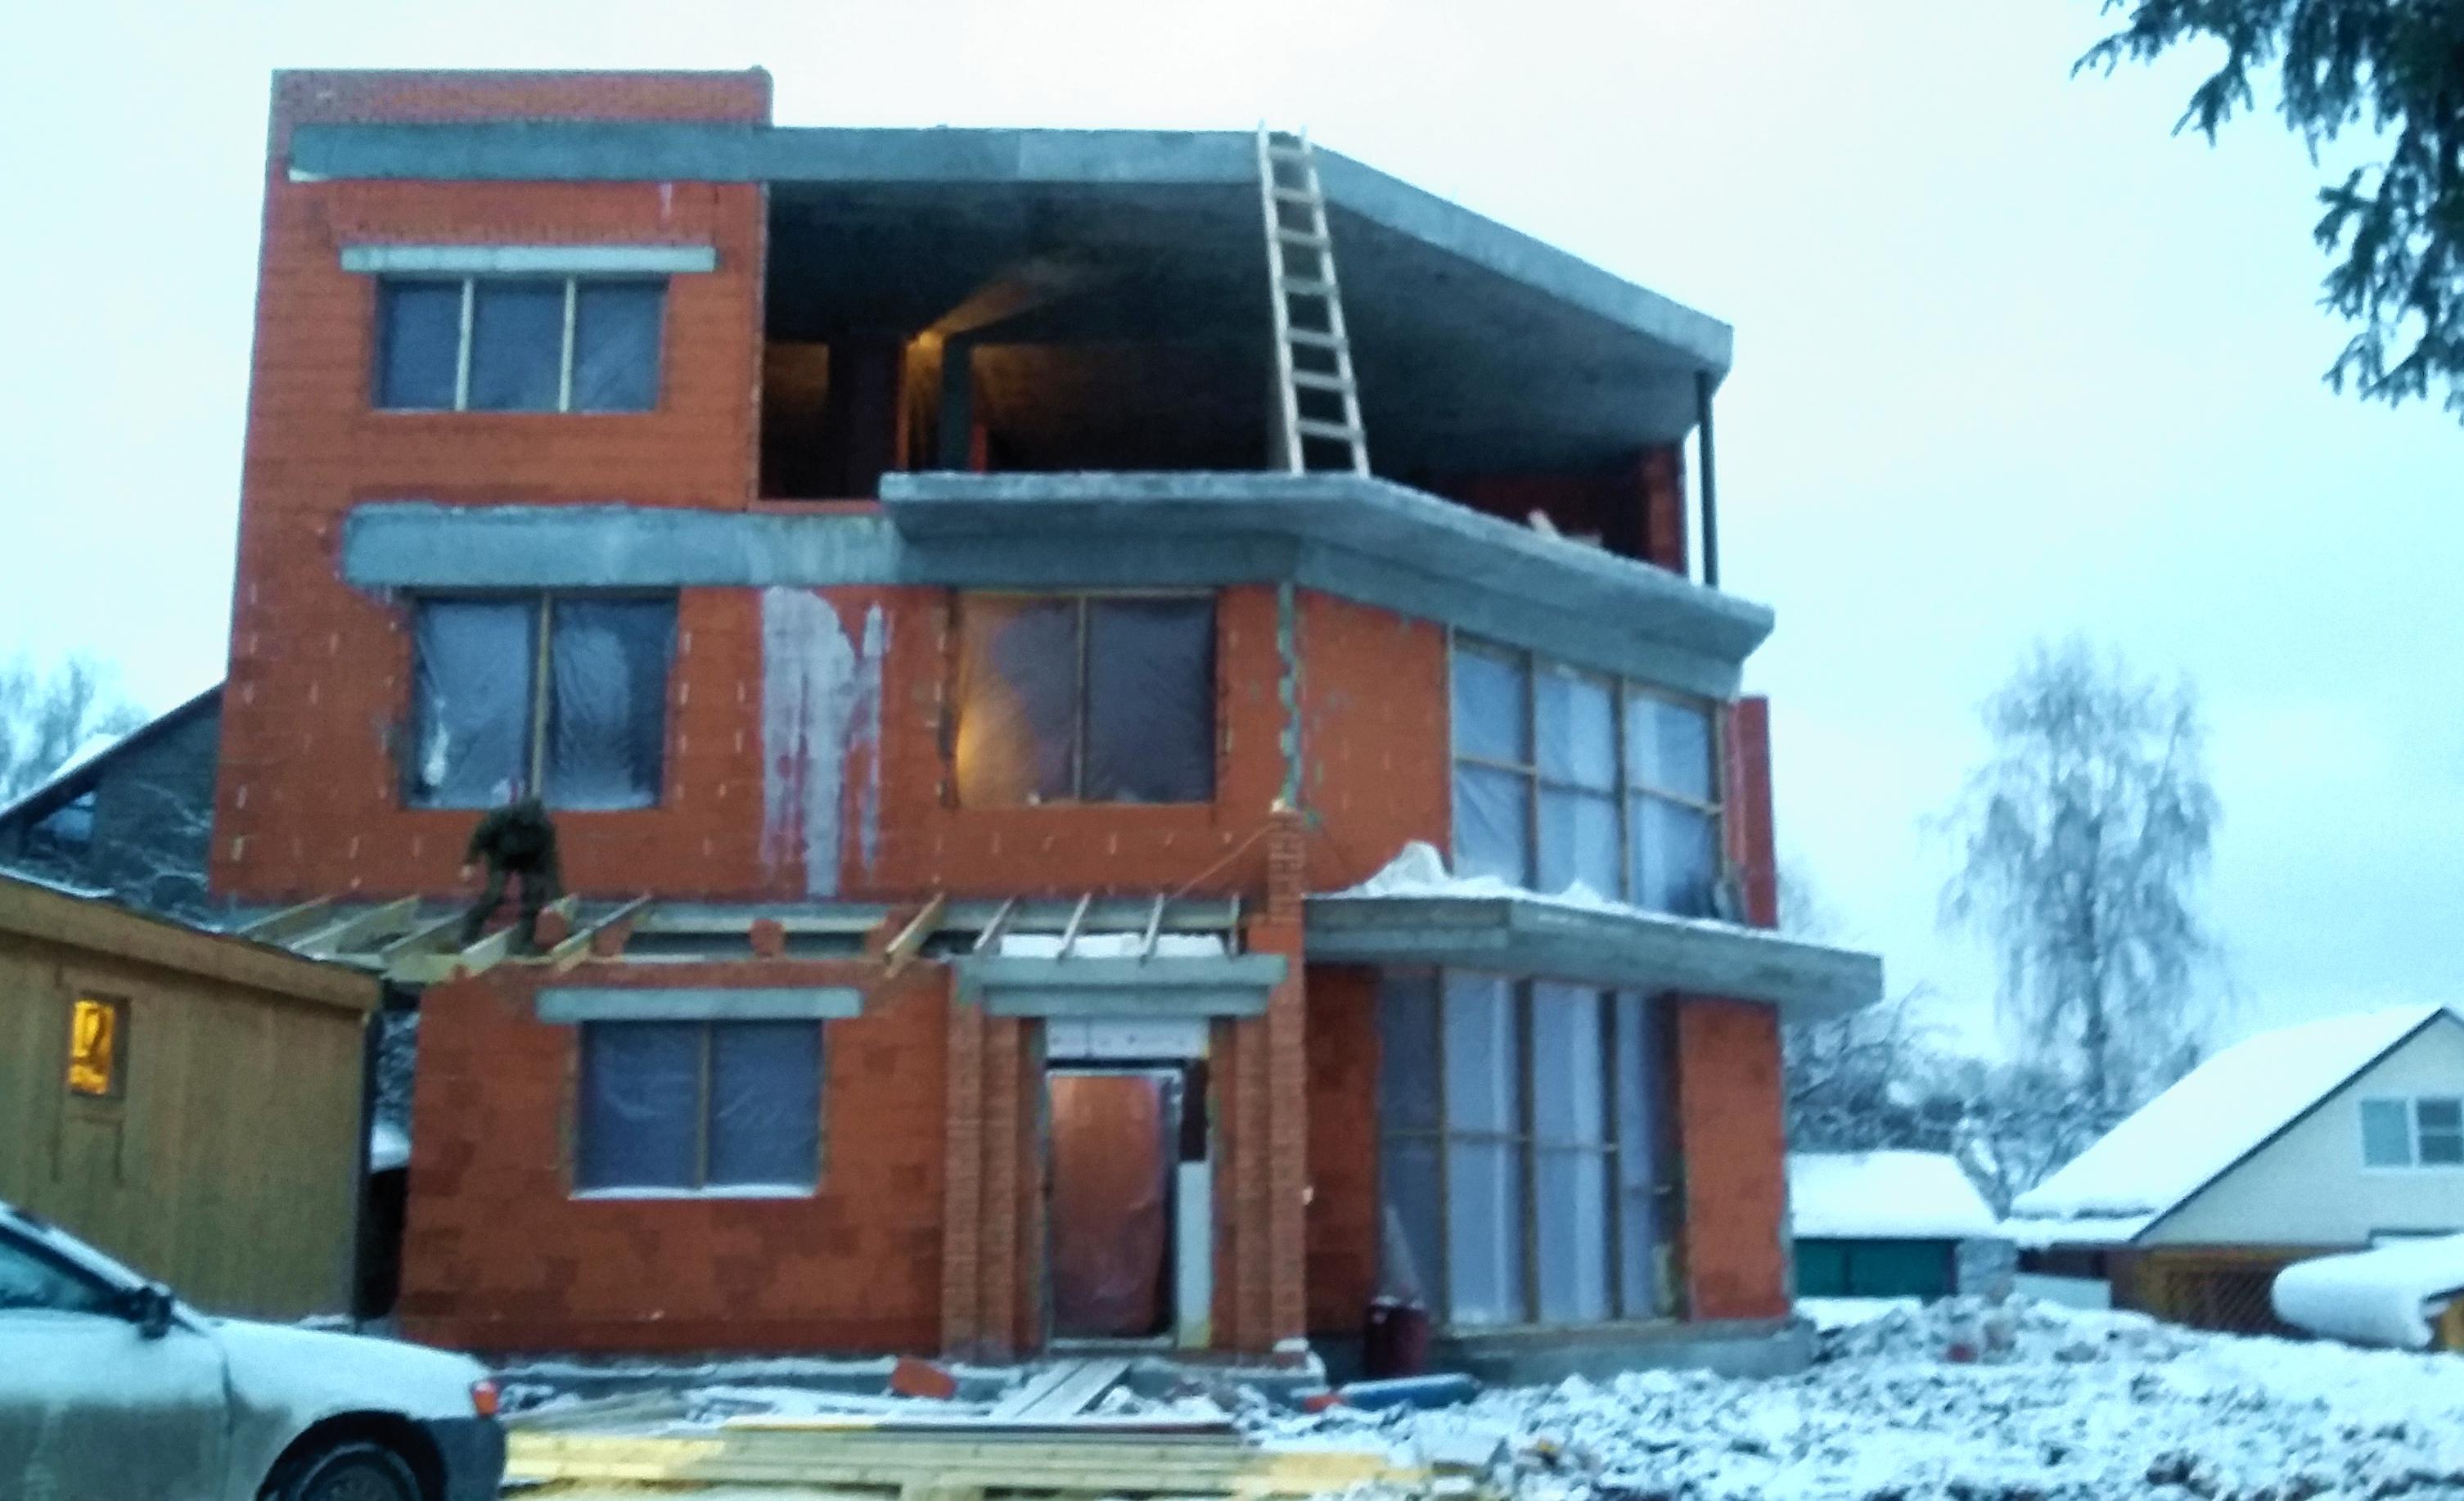 Проект Сиверка, Нижний Новгород, консервация на зиму